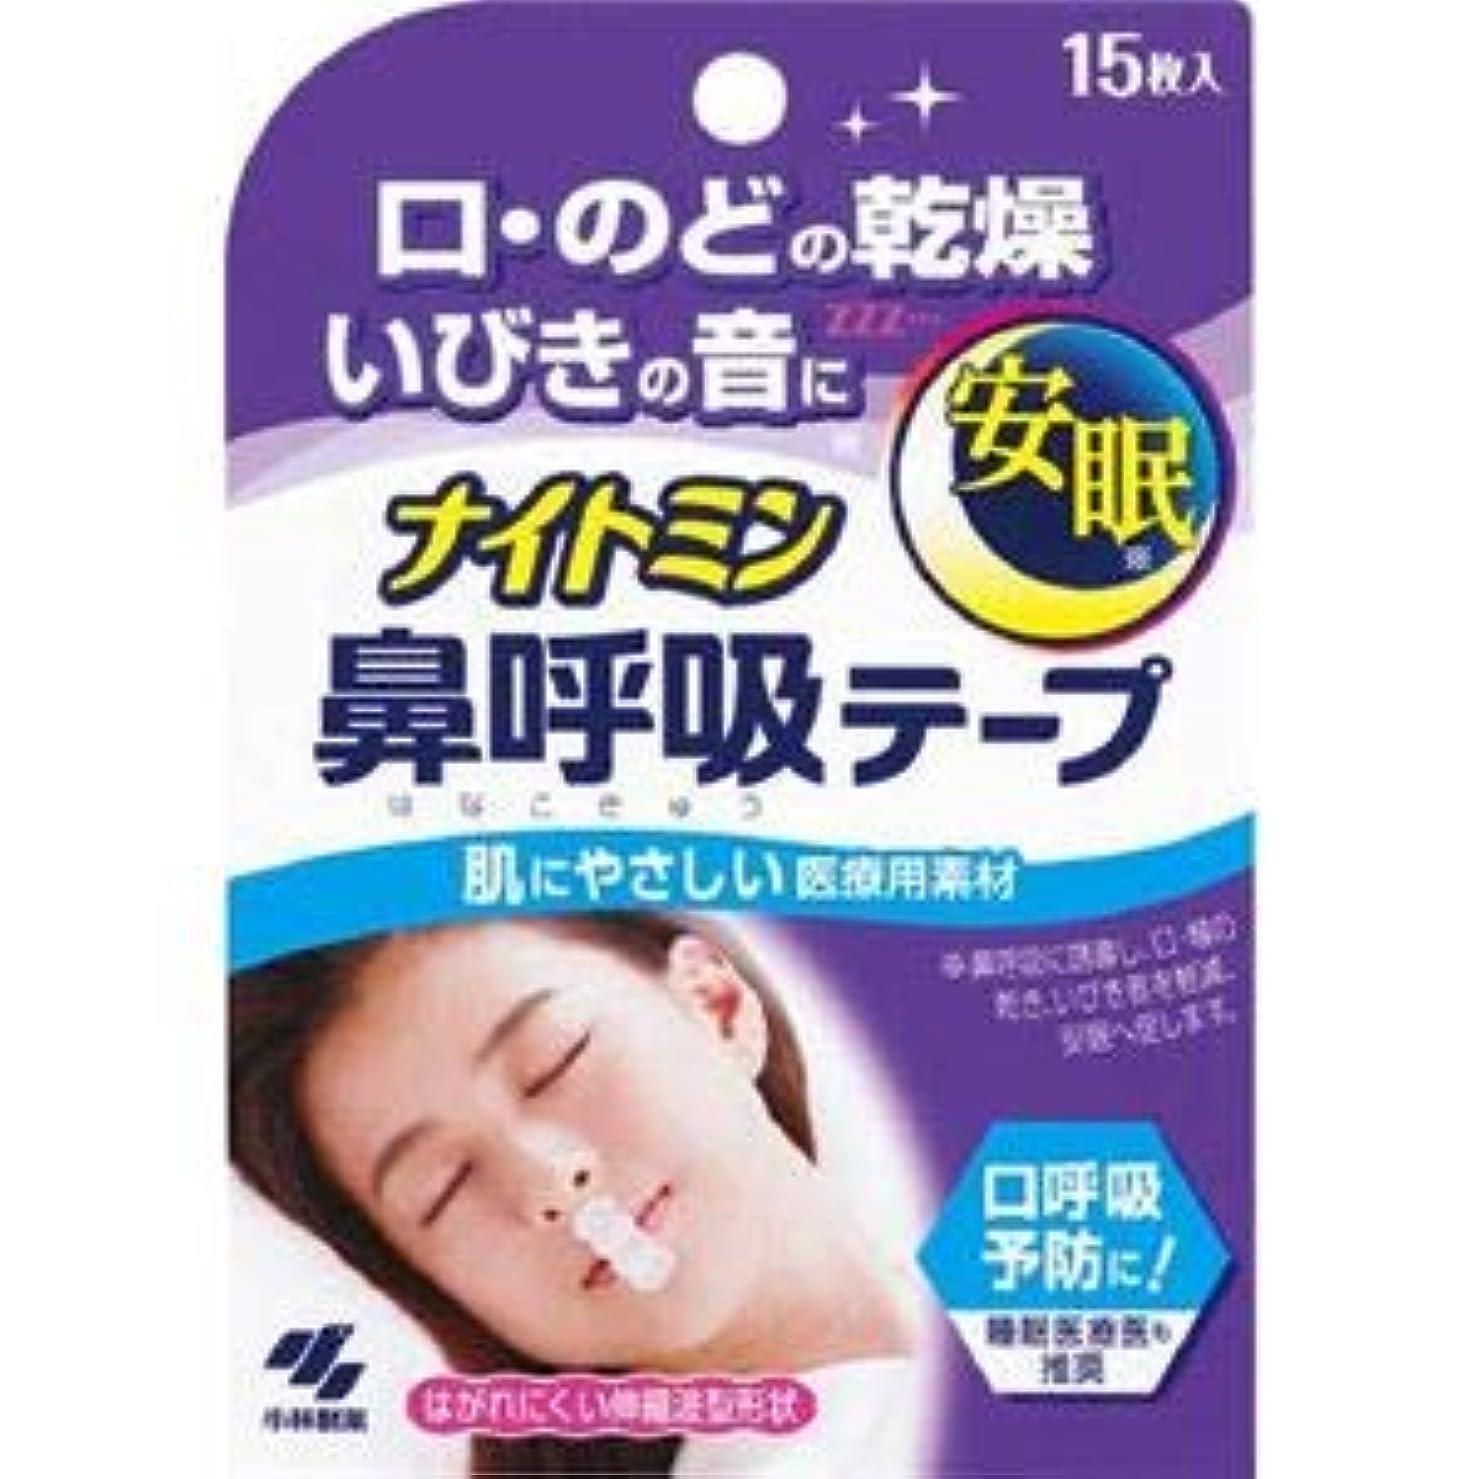 パートナーいたずらトークン(まとめ)小林製薬 ナイトミン 鼻呼吸テープ 【×3点セット】